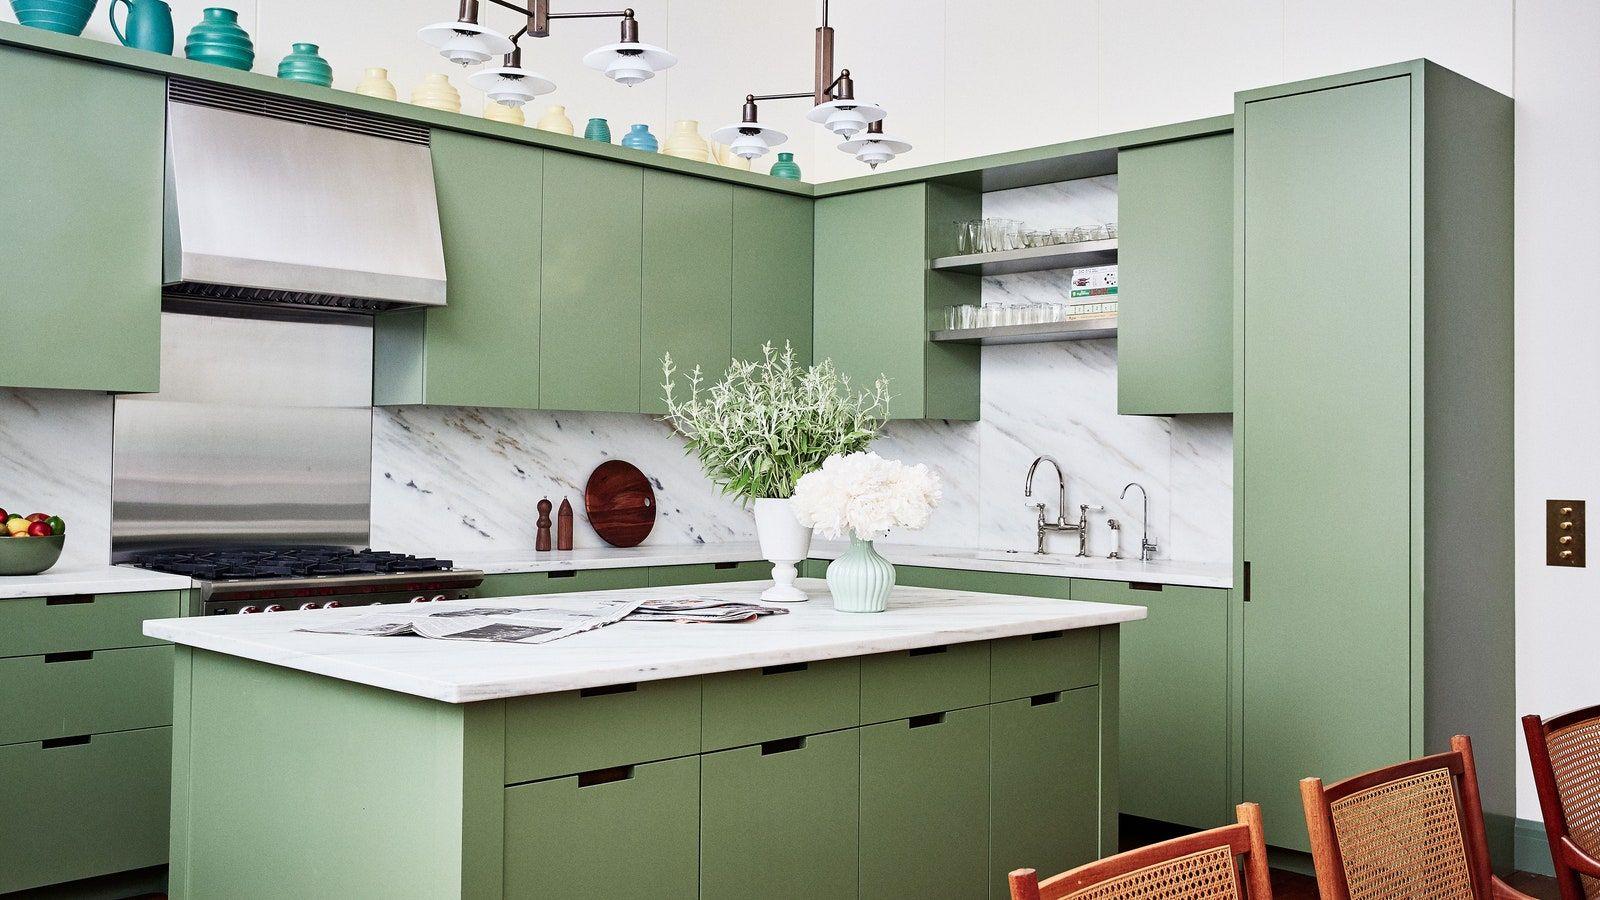 64 Stunning Kitchen Island Ideas In 2020 Kitchen Island With Sink Kitchen Island Design Kitchen Remodel